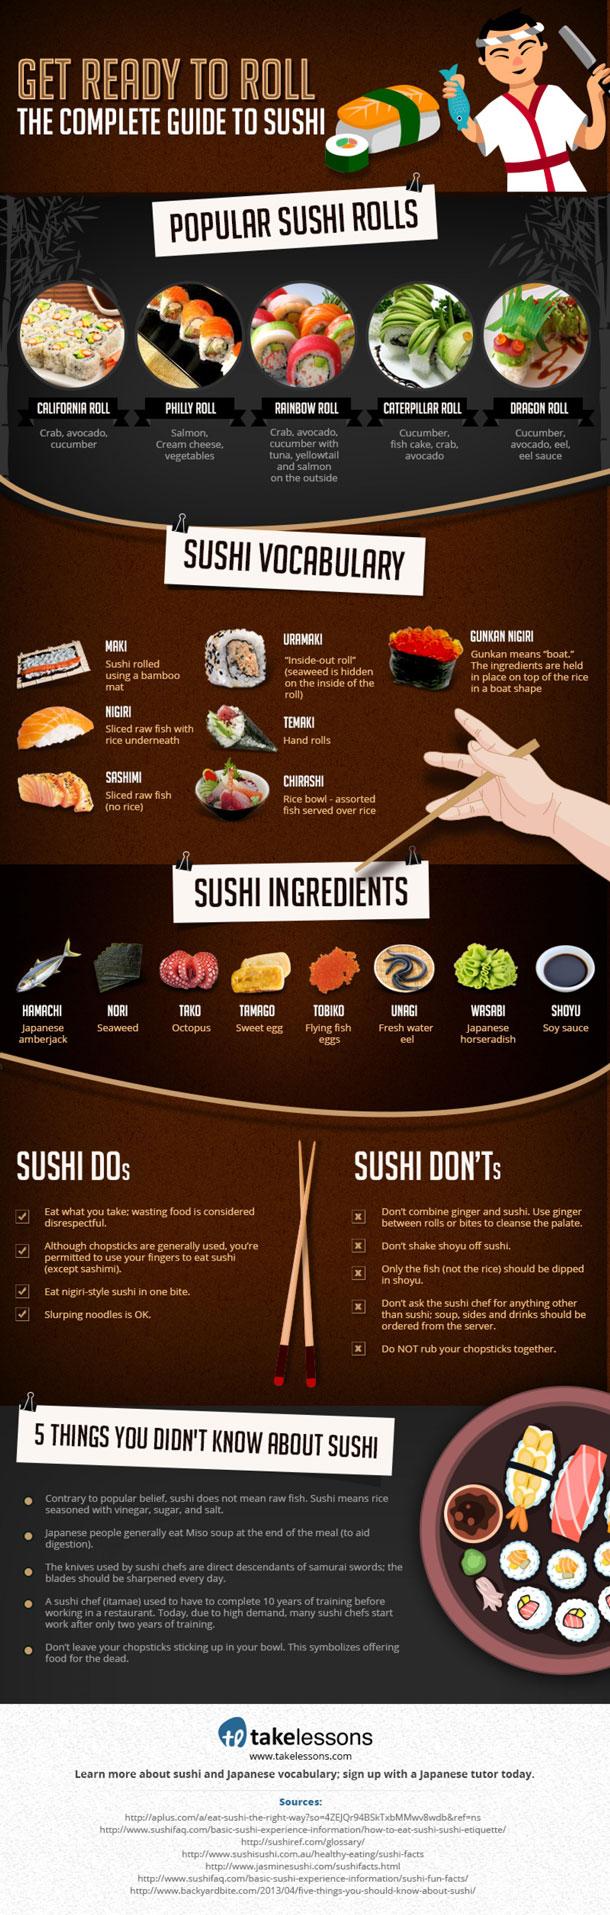 sushi-guide